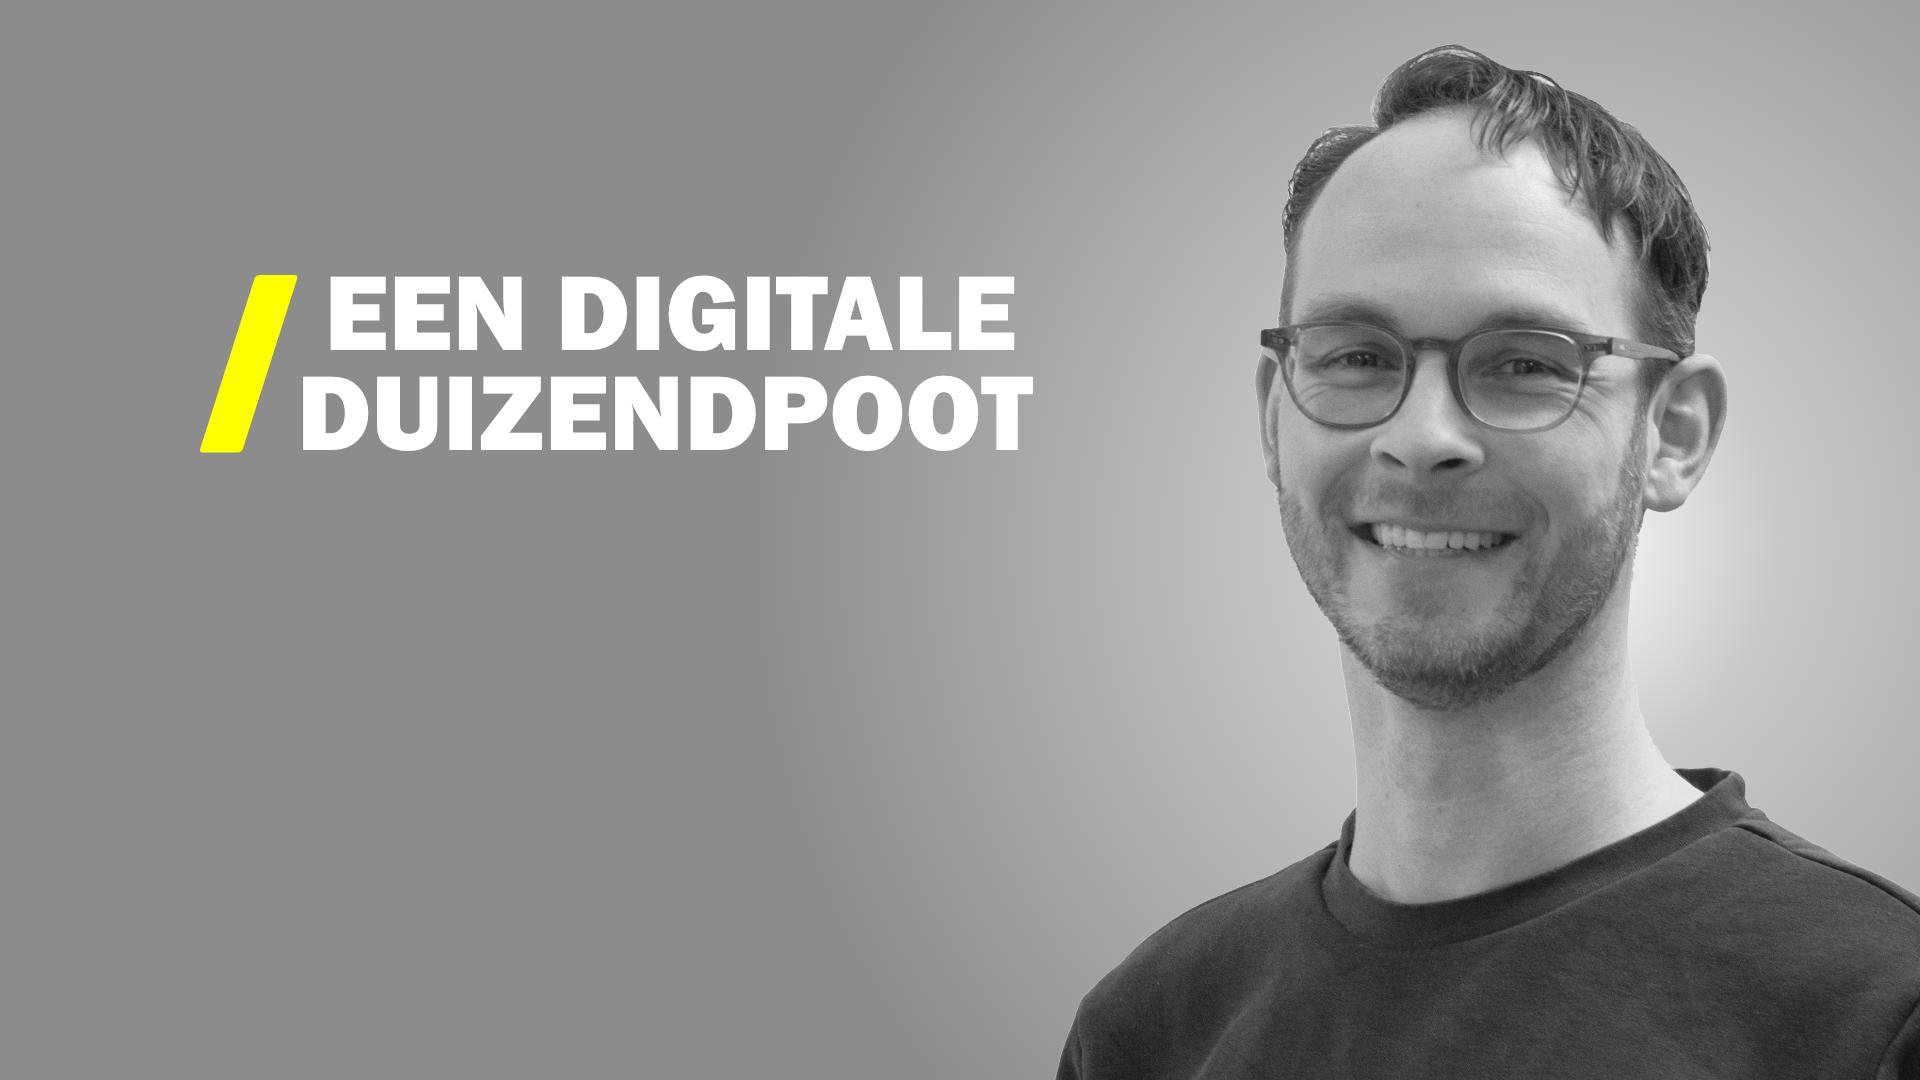 Maak kennis met Ralf: onze nieuwe Digital Designer